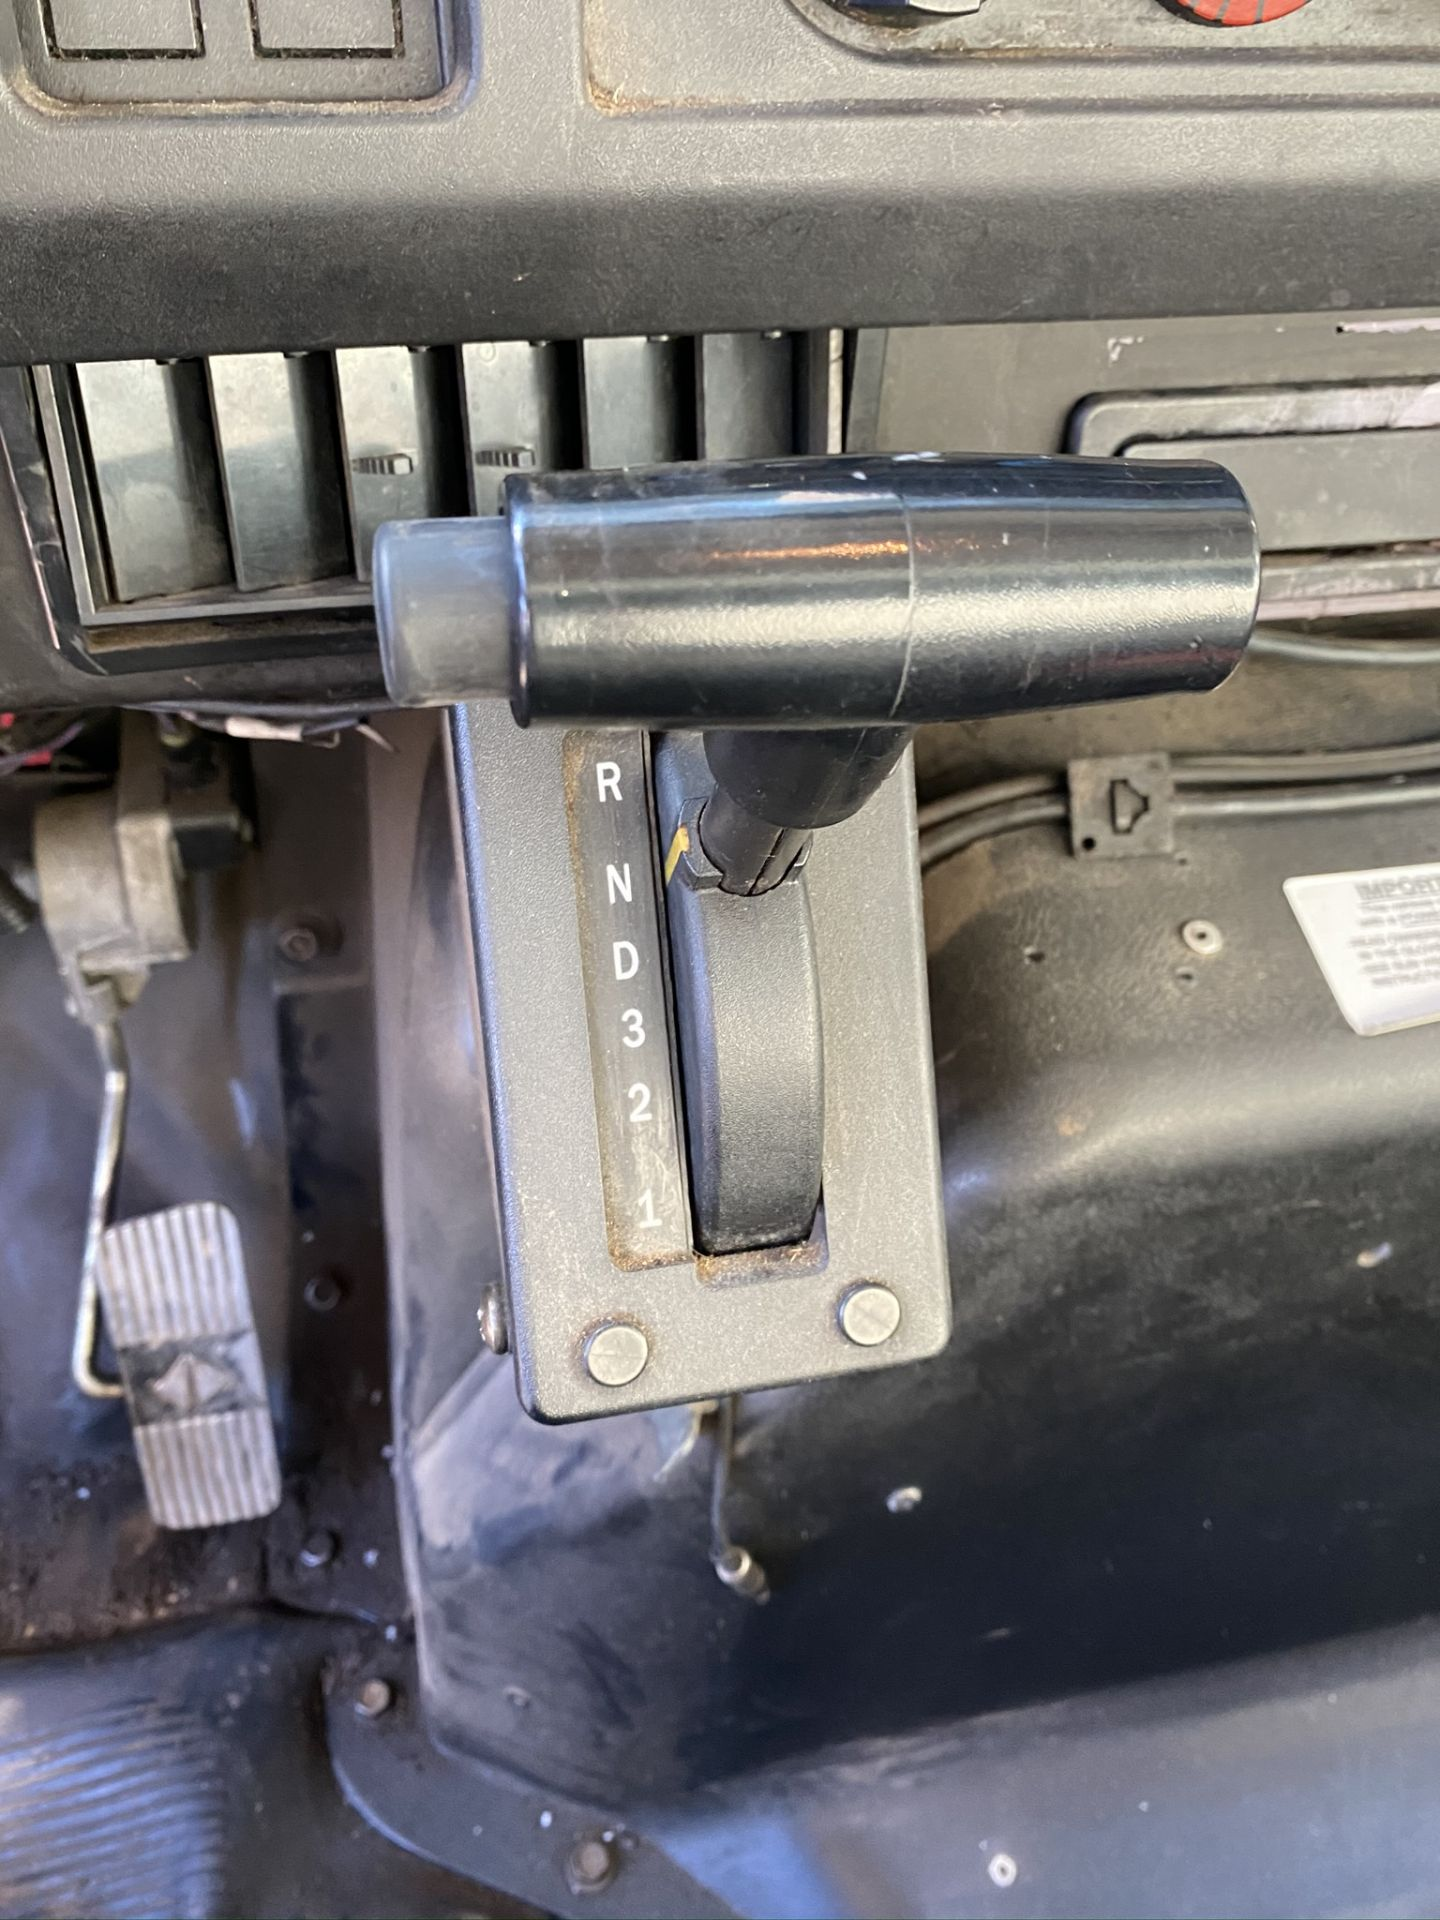 1999 INTERNATIONAL 4700 MODEL DT466E DUMP TRUCK, ODOMETER 231,465 MILES, VIN: 1HTSCAAM4XH687456 - Image 9 of 13